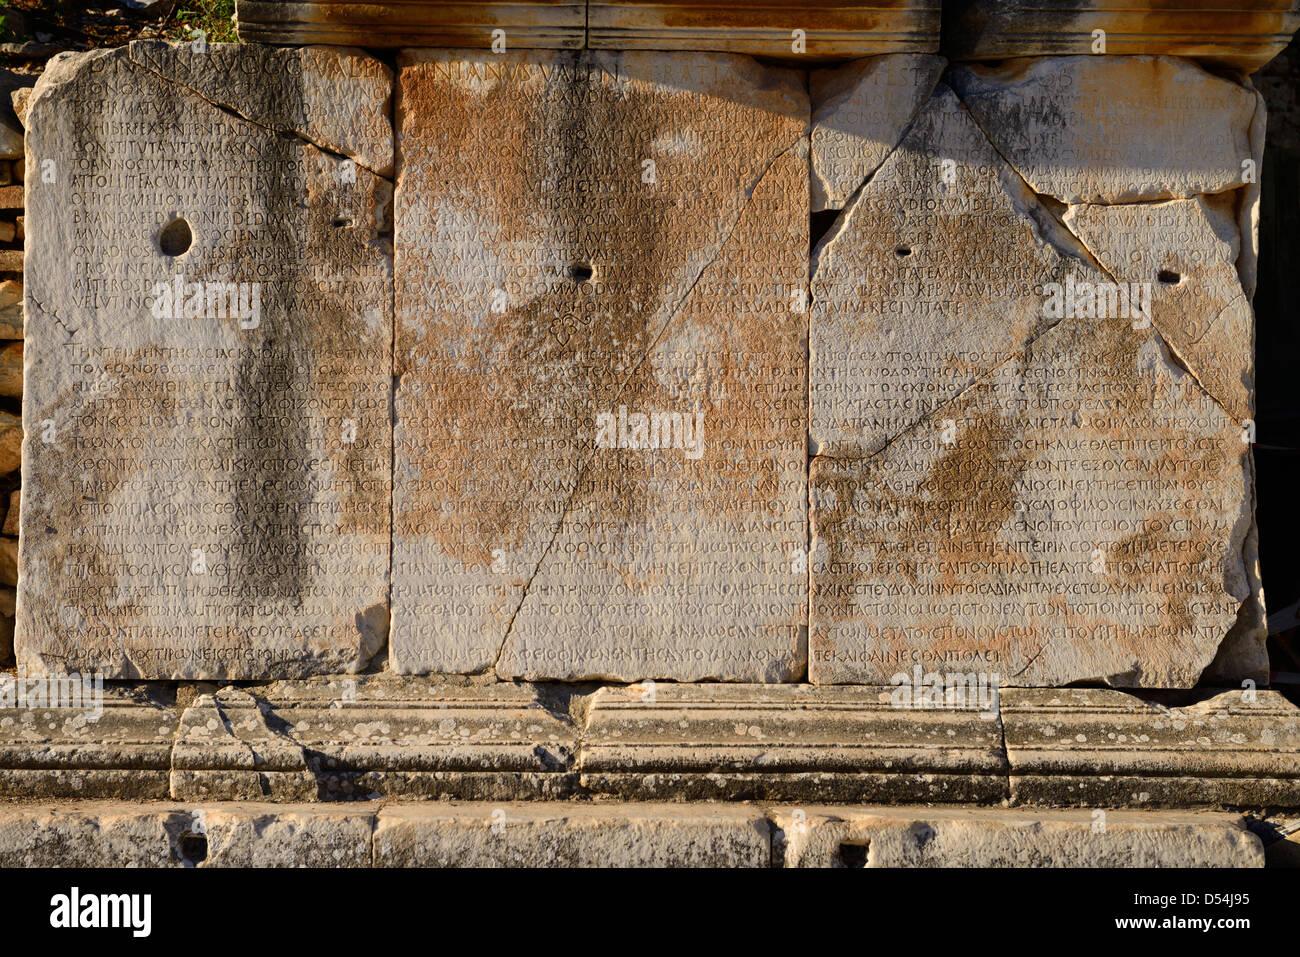 Greek inscription on stone blocks on Curetes street of ancient Ephesus Turkey - Stock Image